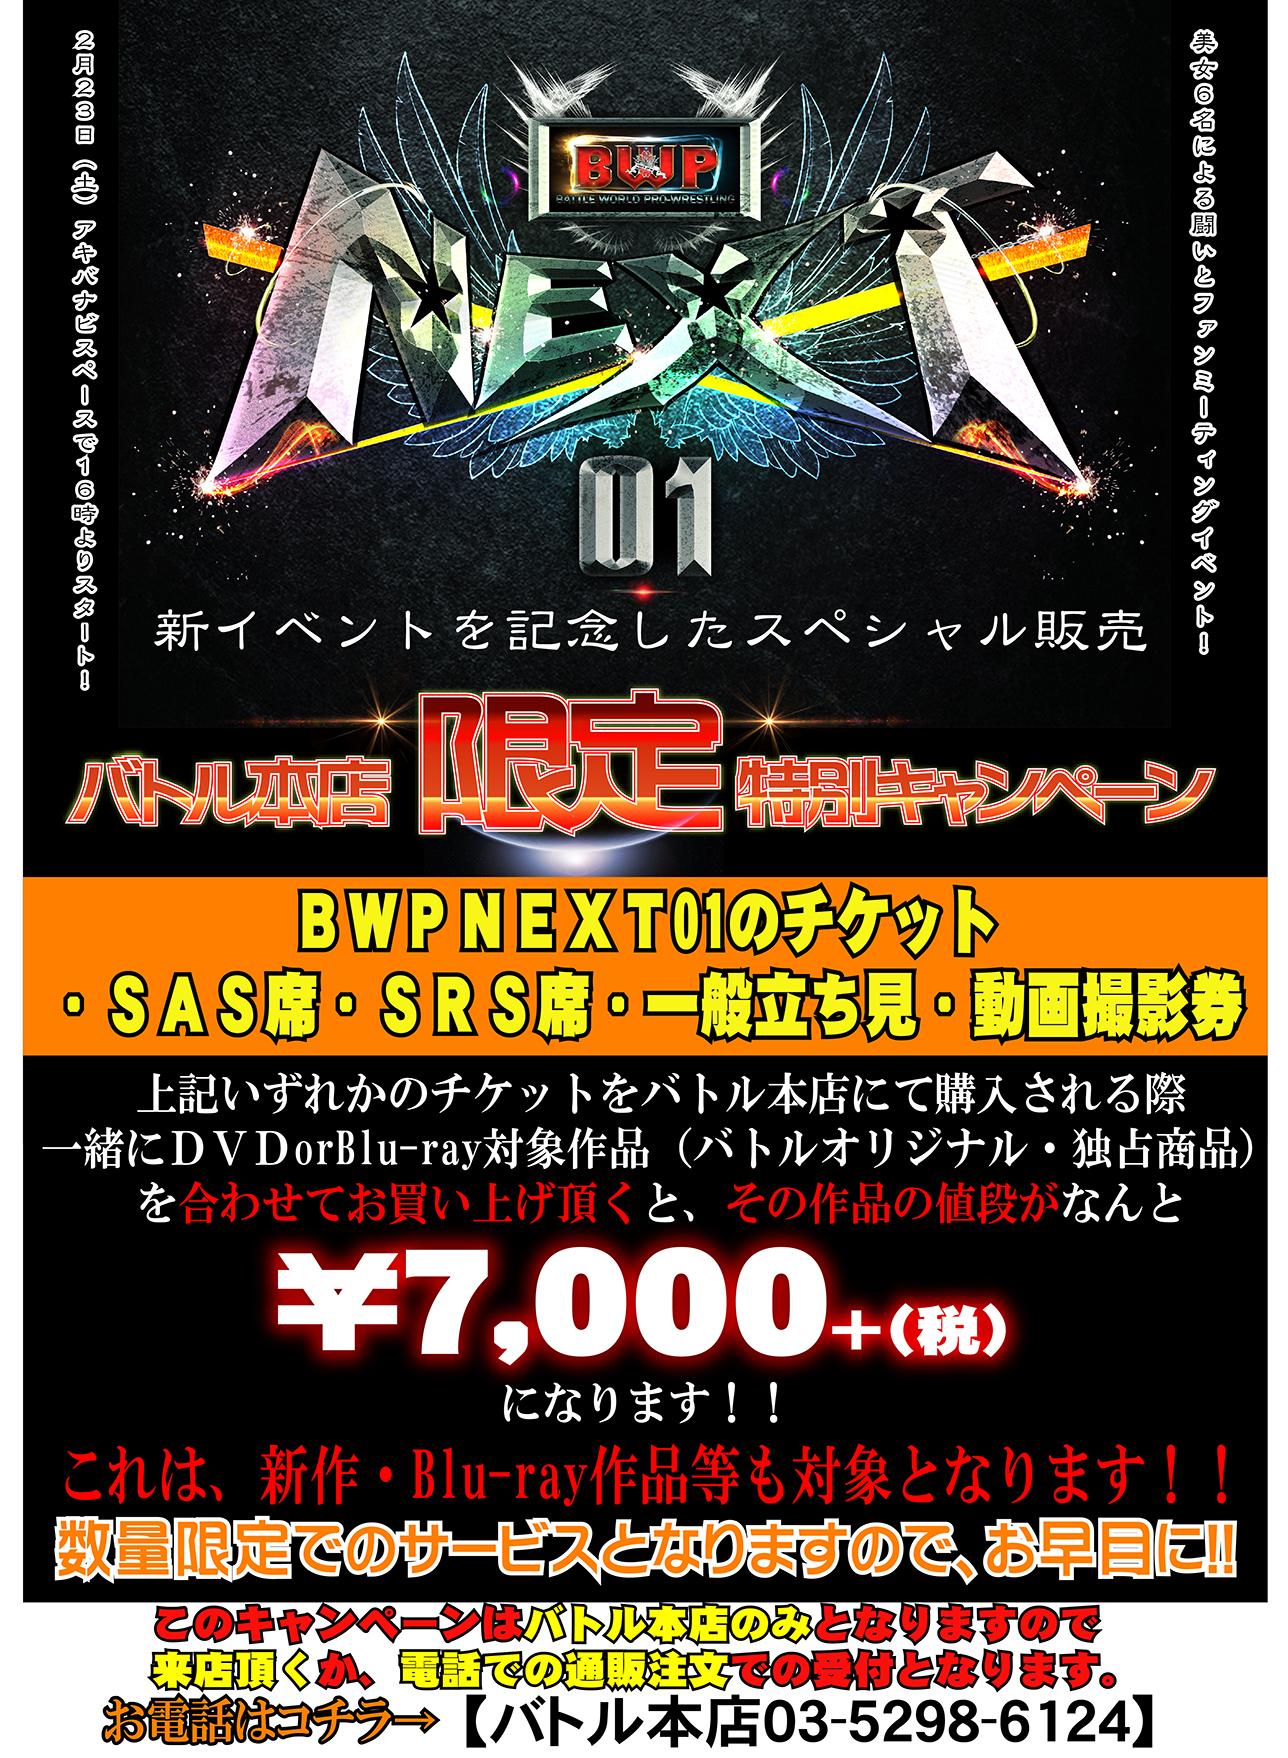 BWPNEXT01_特別販売キャンペーンweb